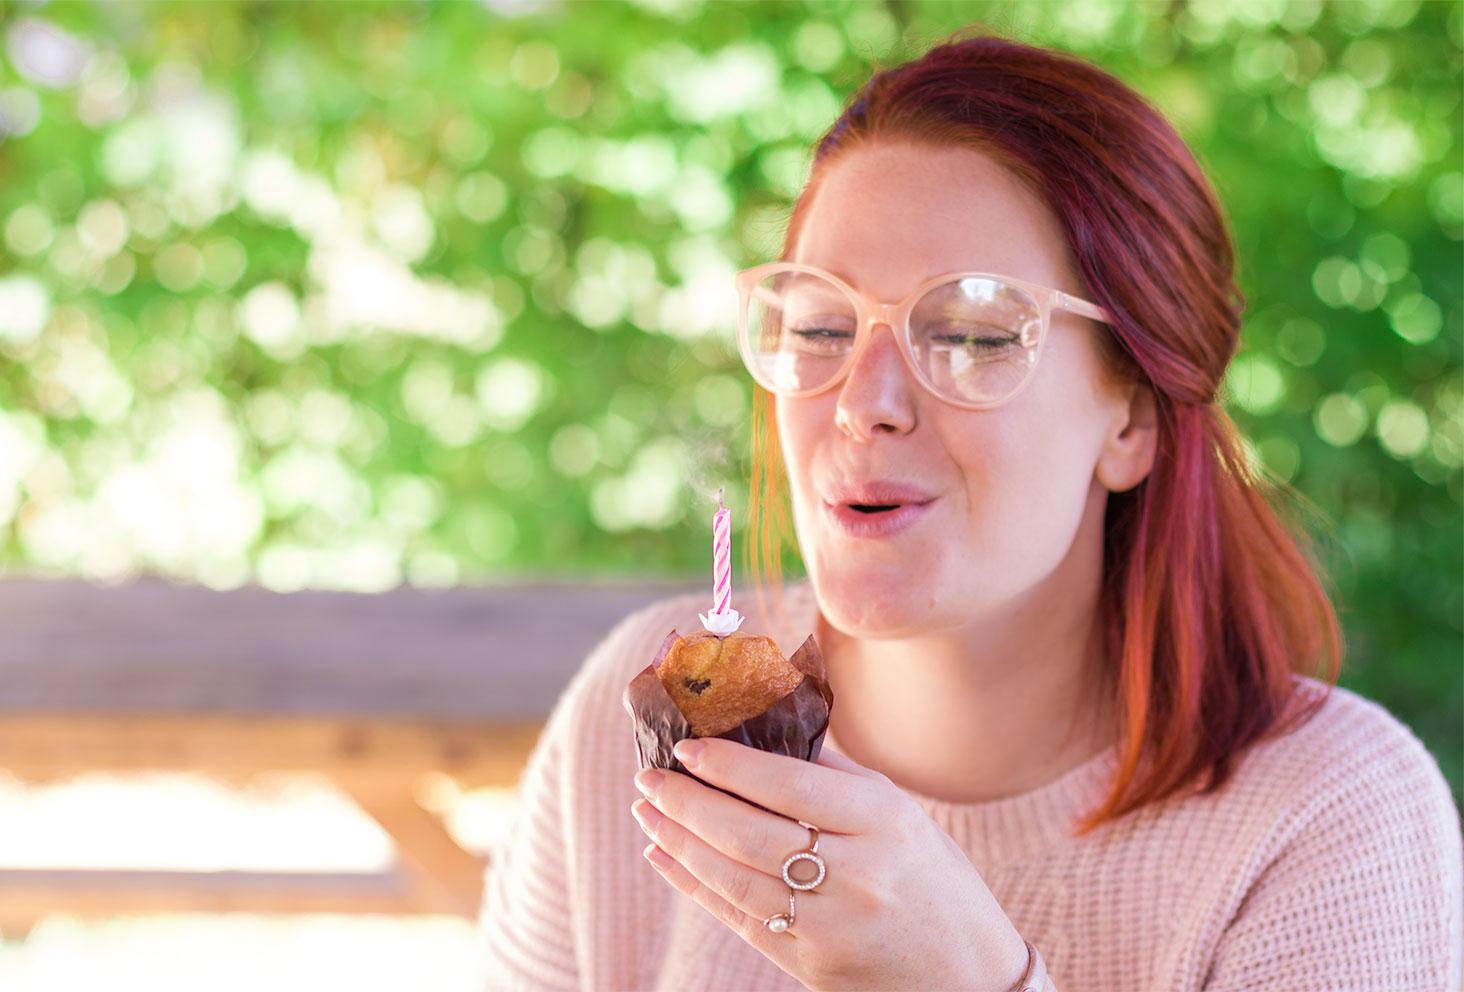 Souffle de la bougie sur muffin pour anniversaire des 26 ans